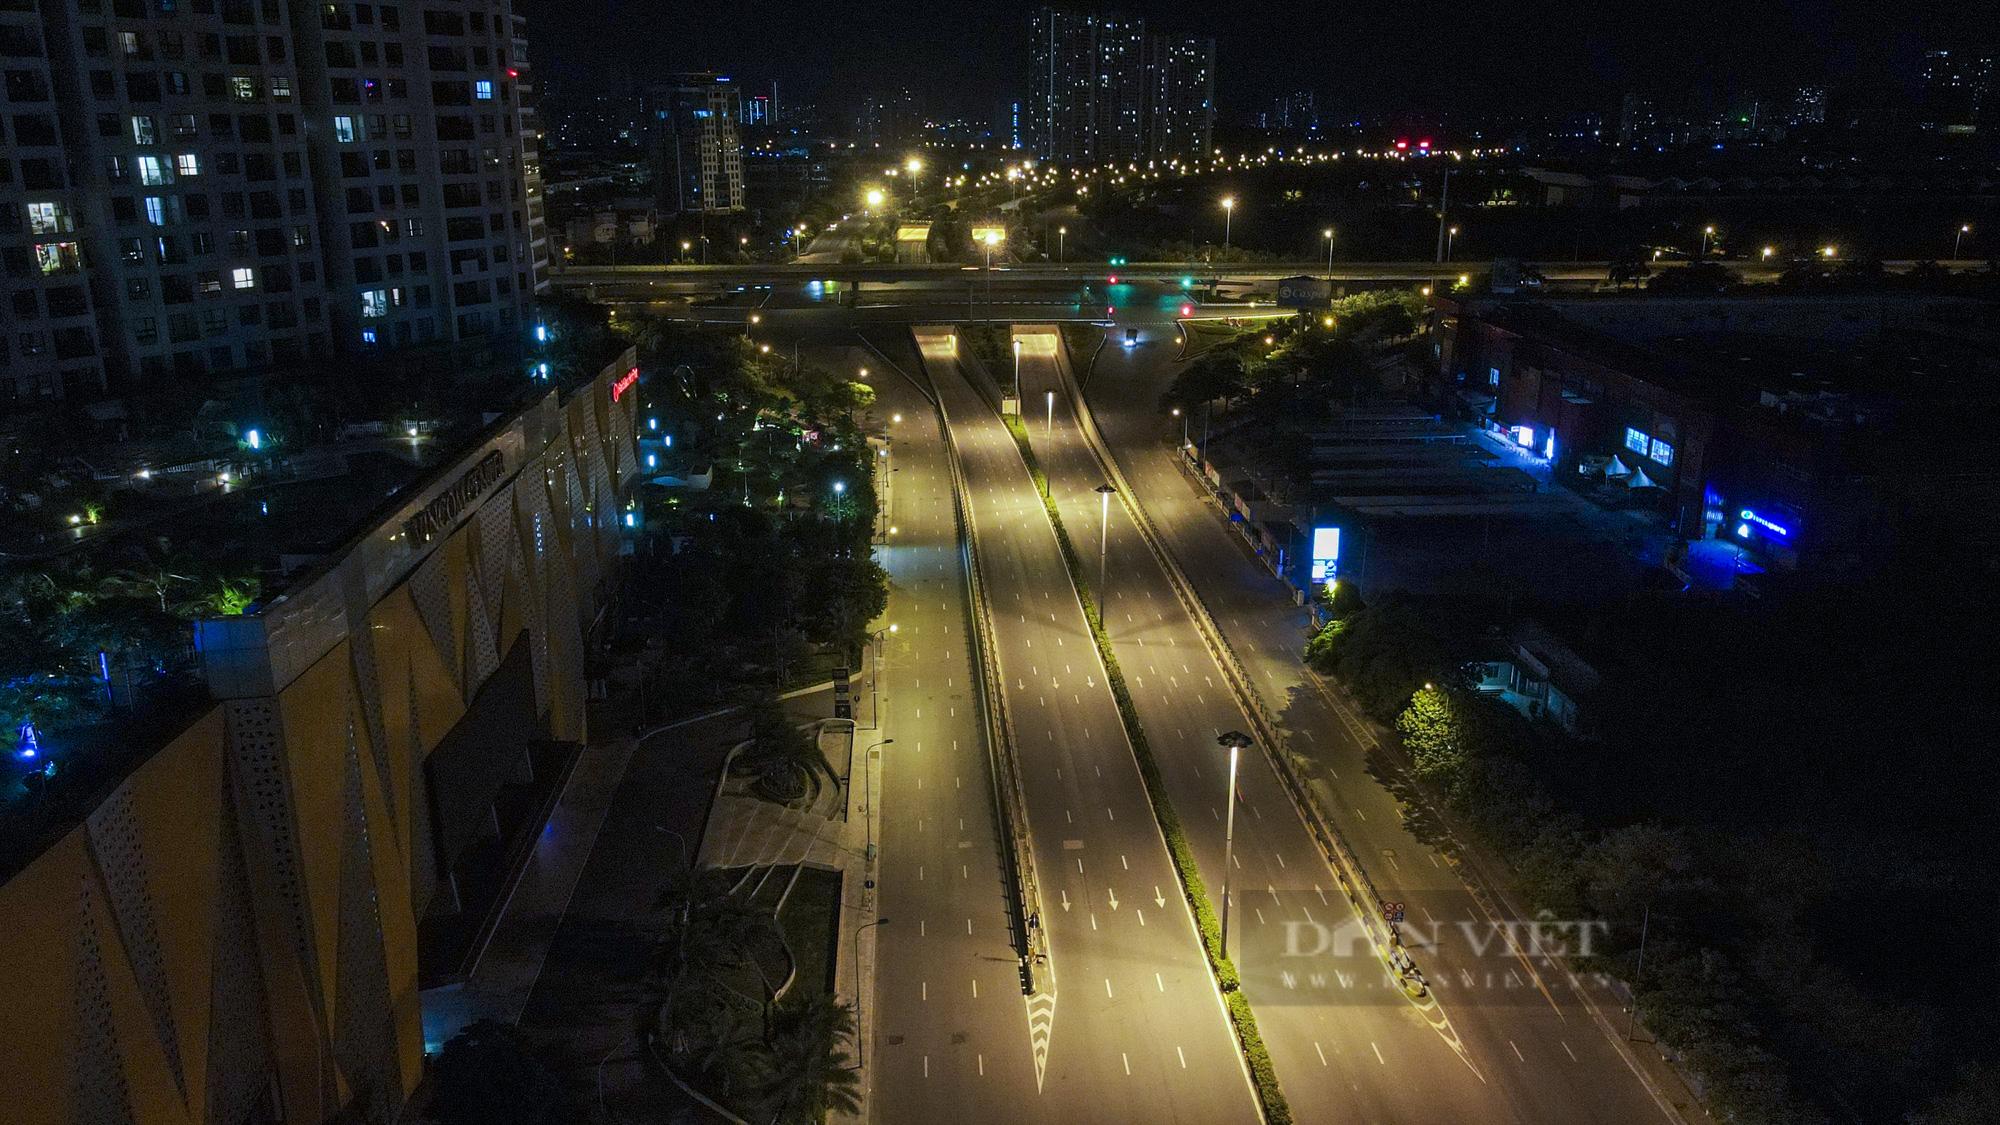 Giãn cách xã hội: Hà Nội vắng lặng, yên bình lúc về đêm - Ảnh 9.